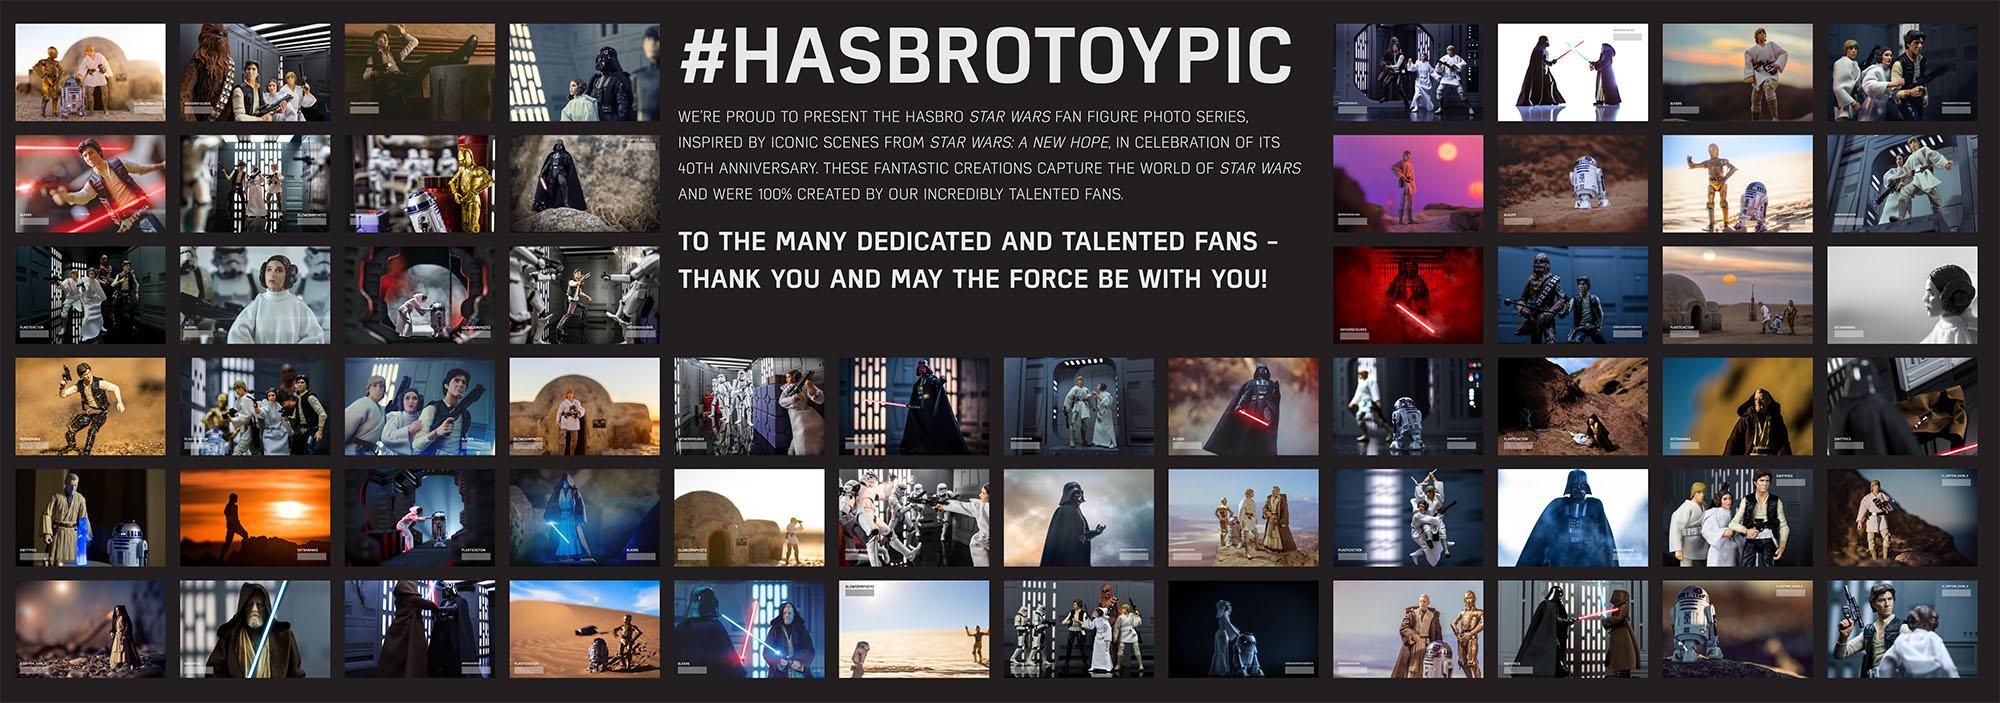 HasbroToyPic Toy Fair 2017 Display.jpg